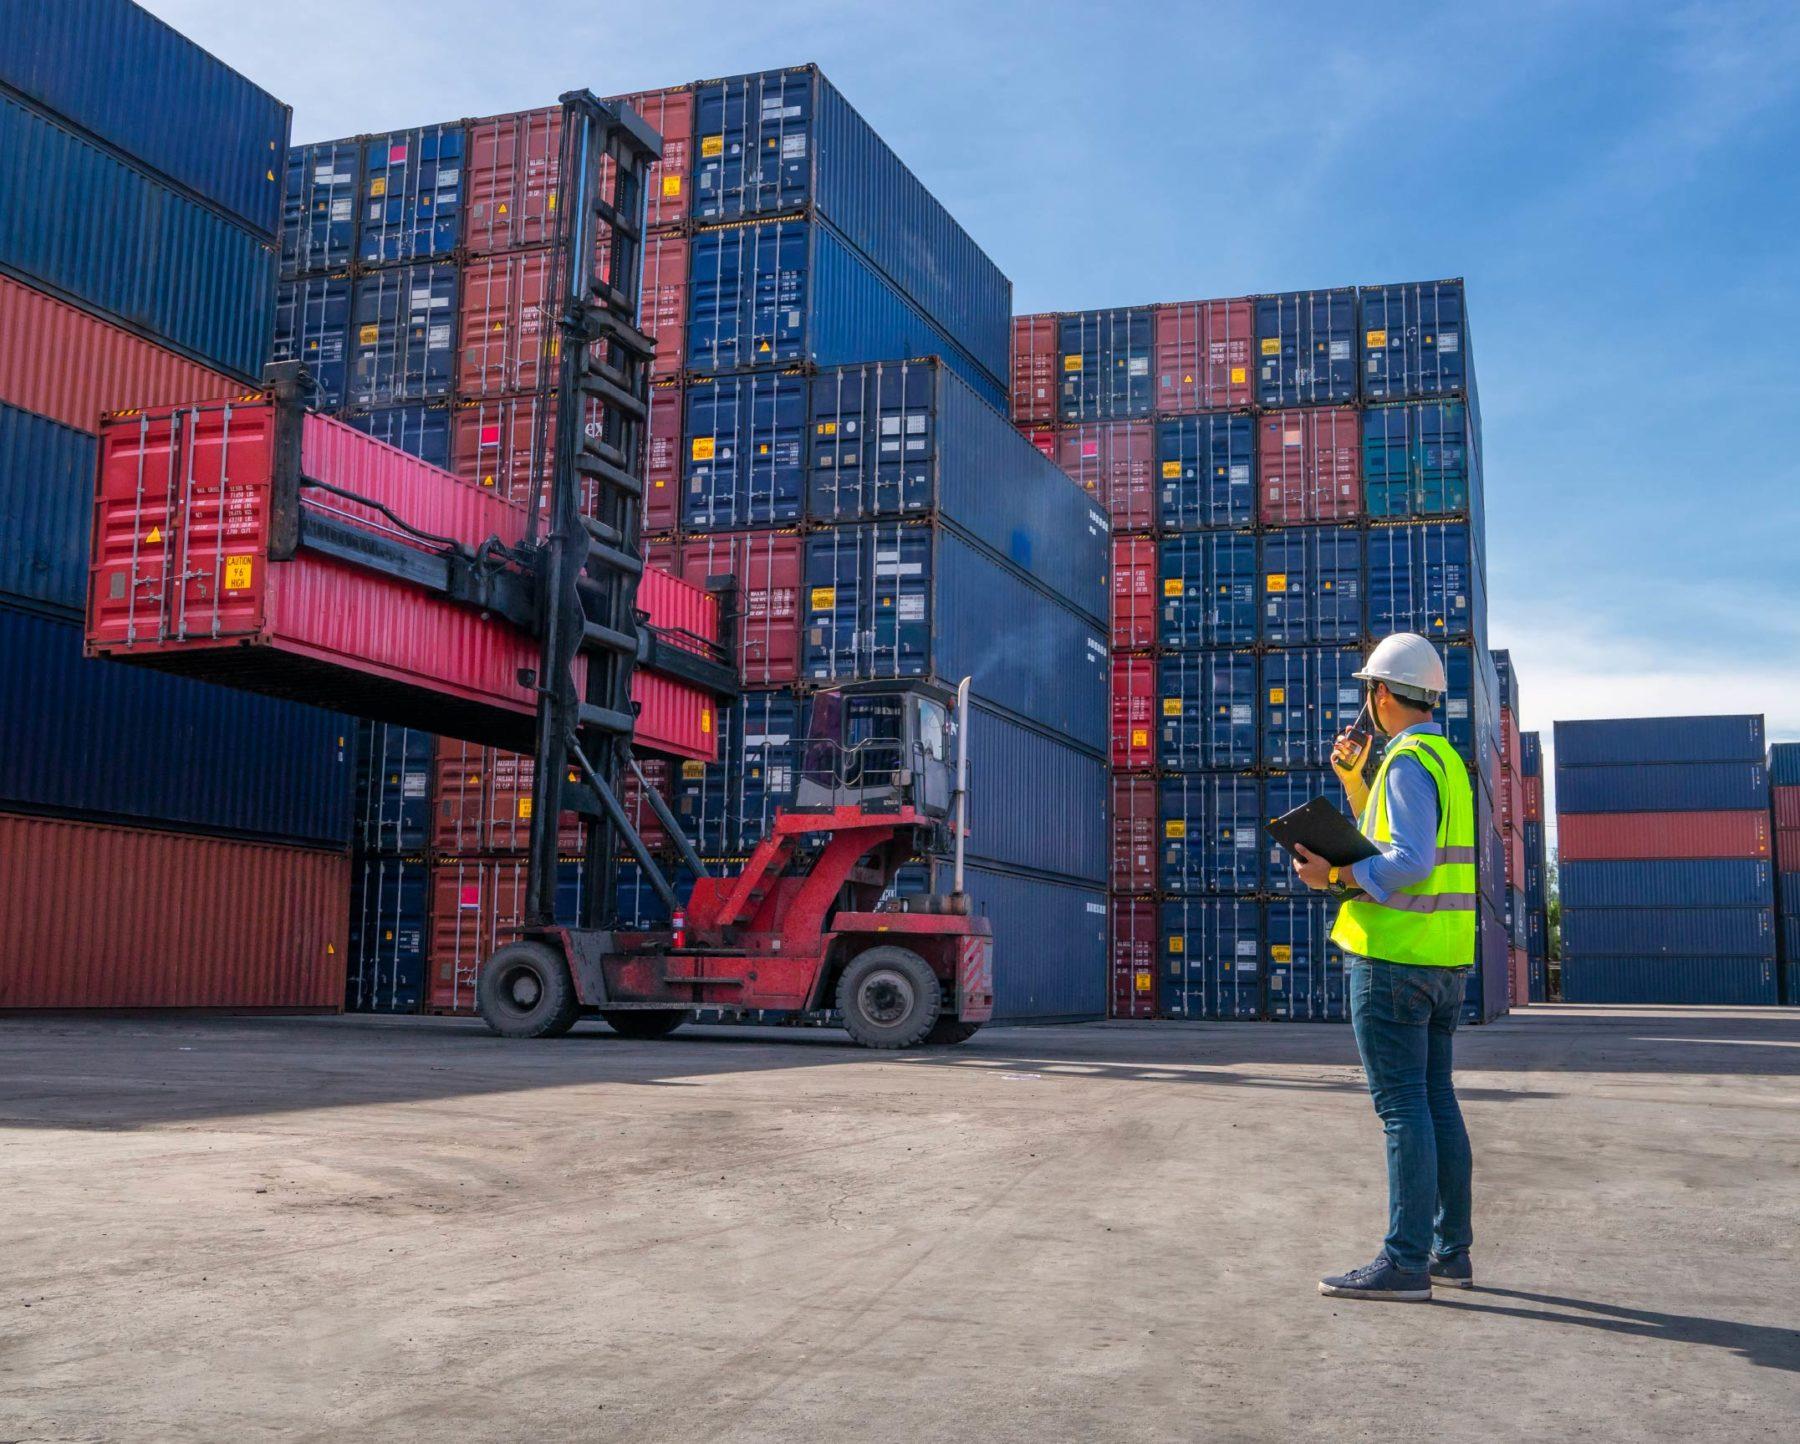 Containers port chantier matériel stockage entreposage maritime